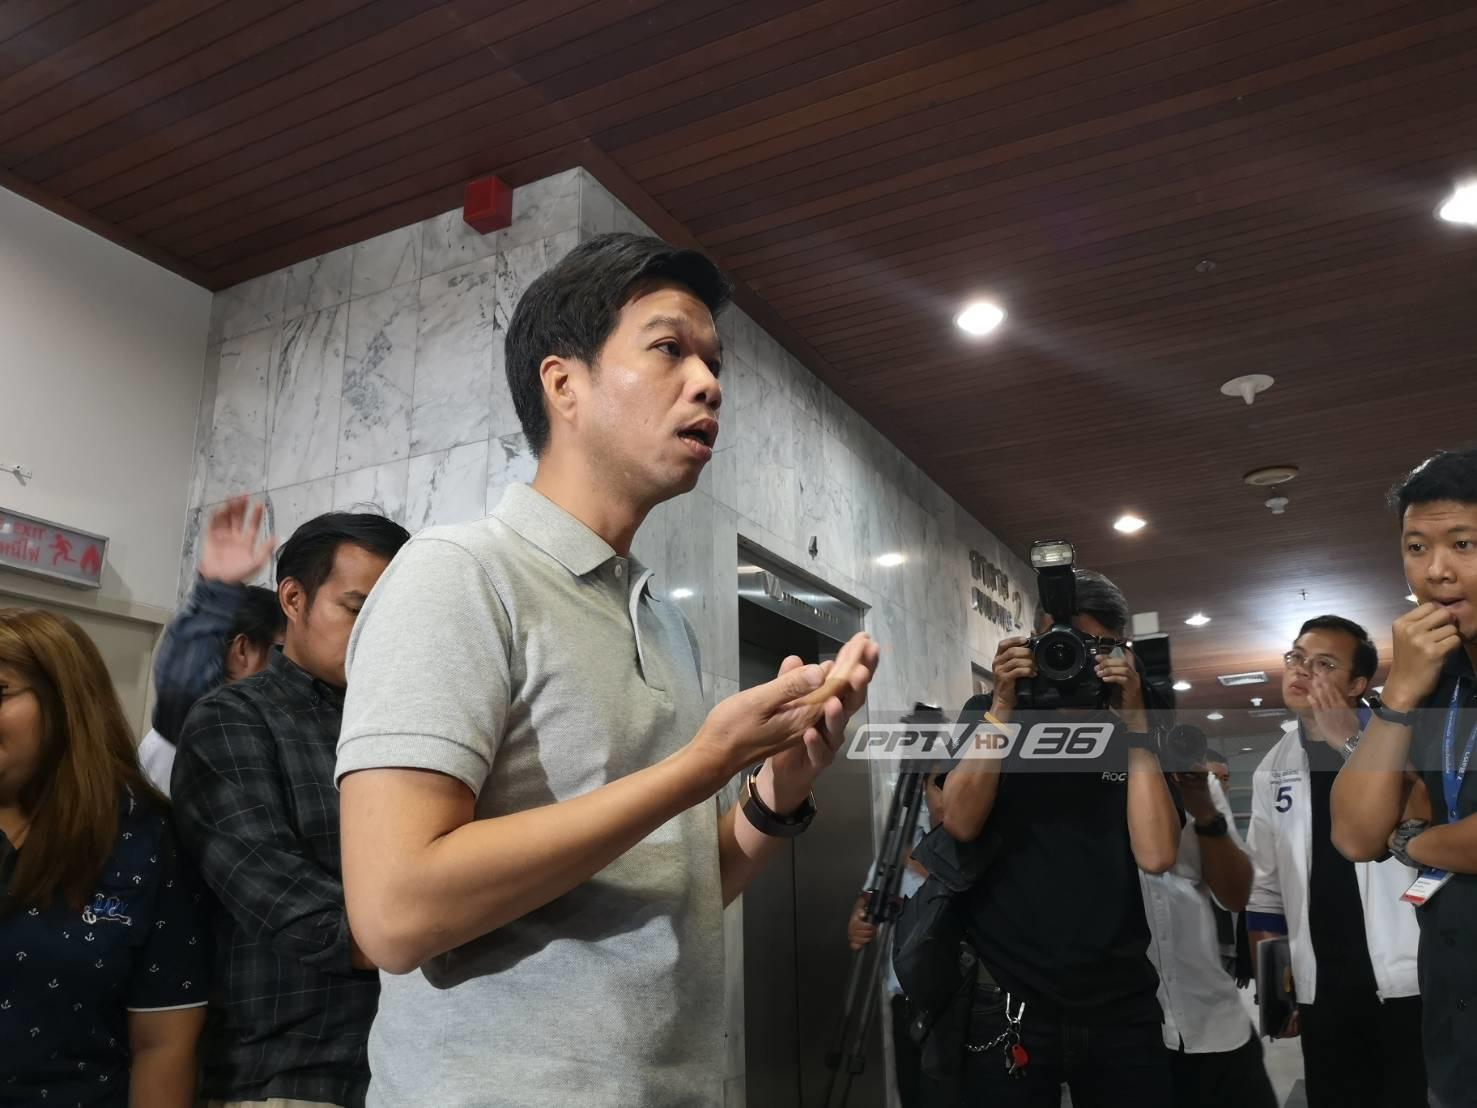 เพื่อไทย อ้างพบบัตรเลือกตั้ง เขต 9 กทม.เกินจำนวนผู้มาใช้สิทธิ